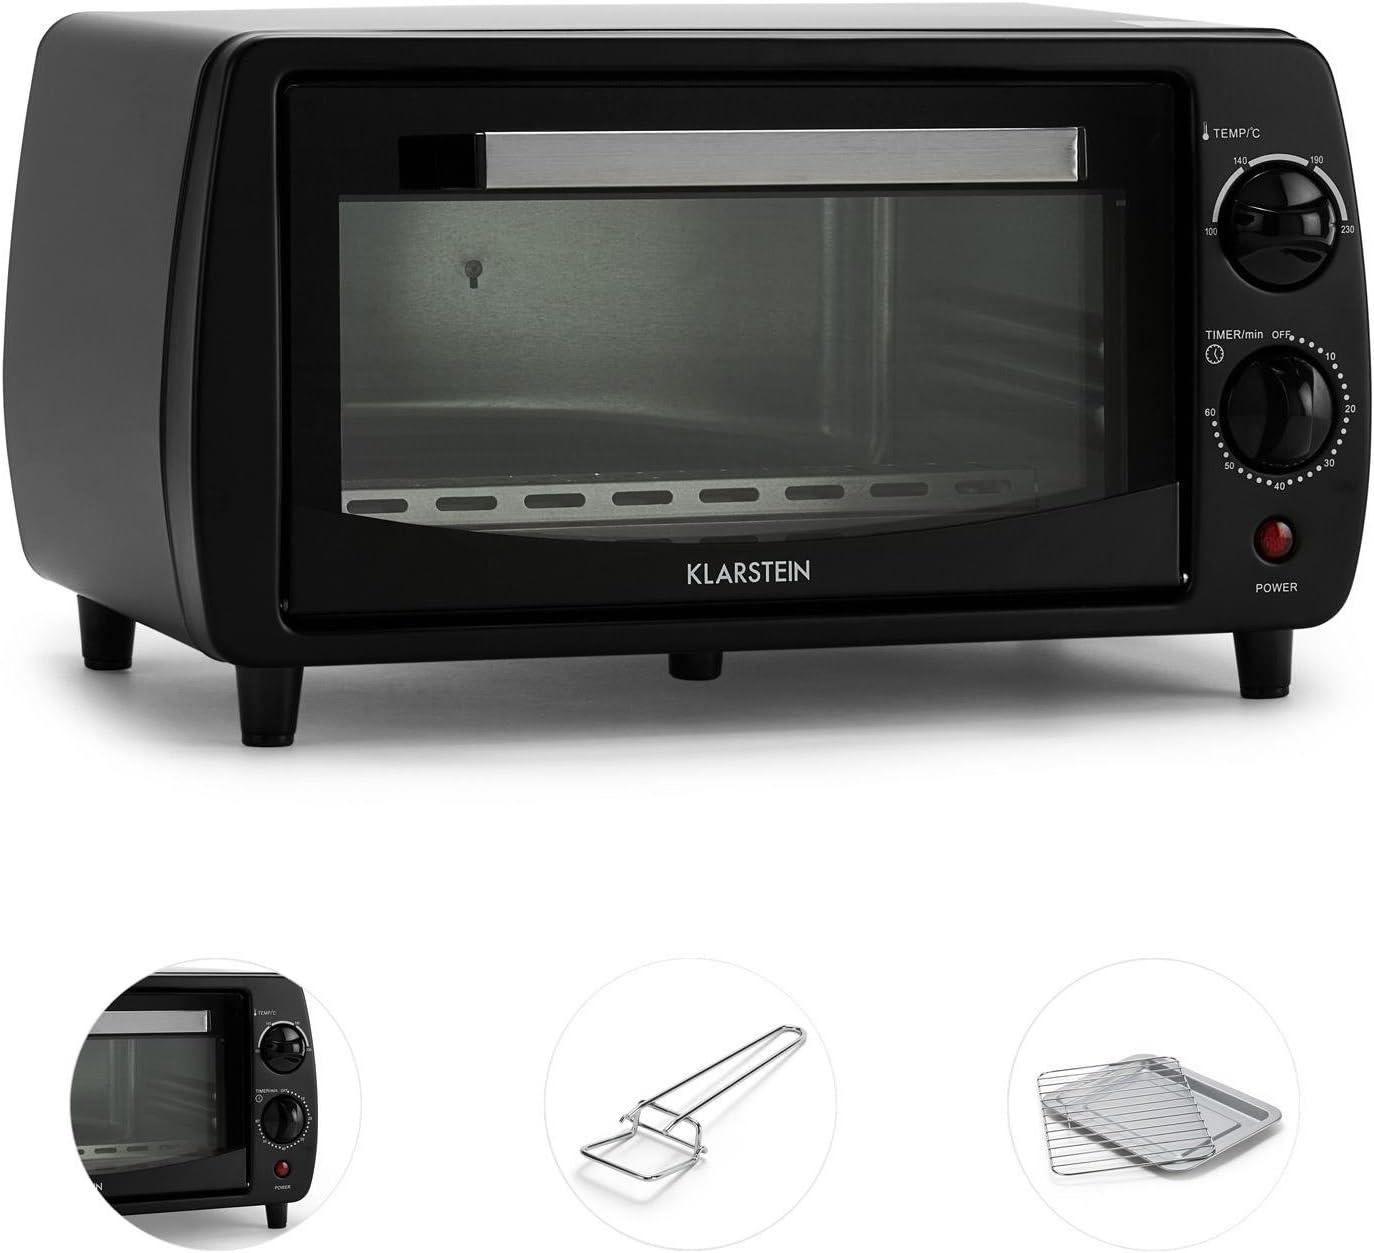 Mini Four Ultra Compact 11L avec minuterie et temp/érature jusqu/à 250/°C 800W, Plaque et Grill, 2 /él/éments de Chauffe KLARSTEIN Minibreak